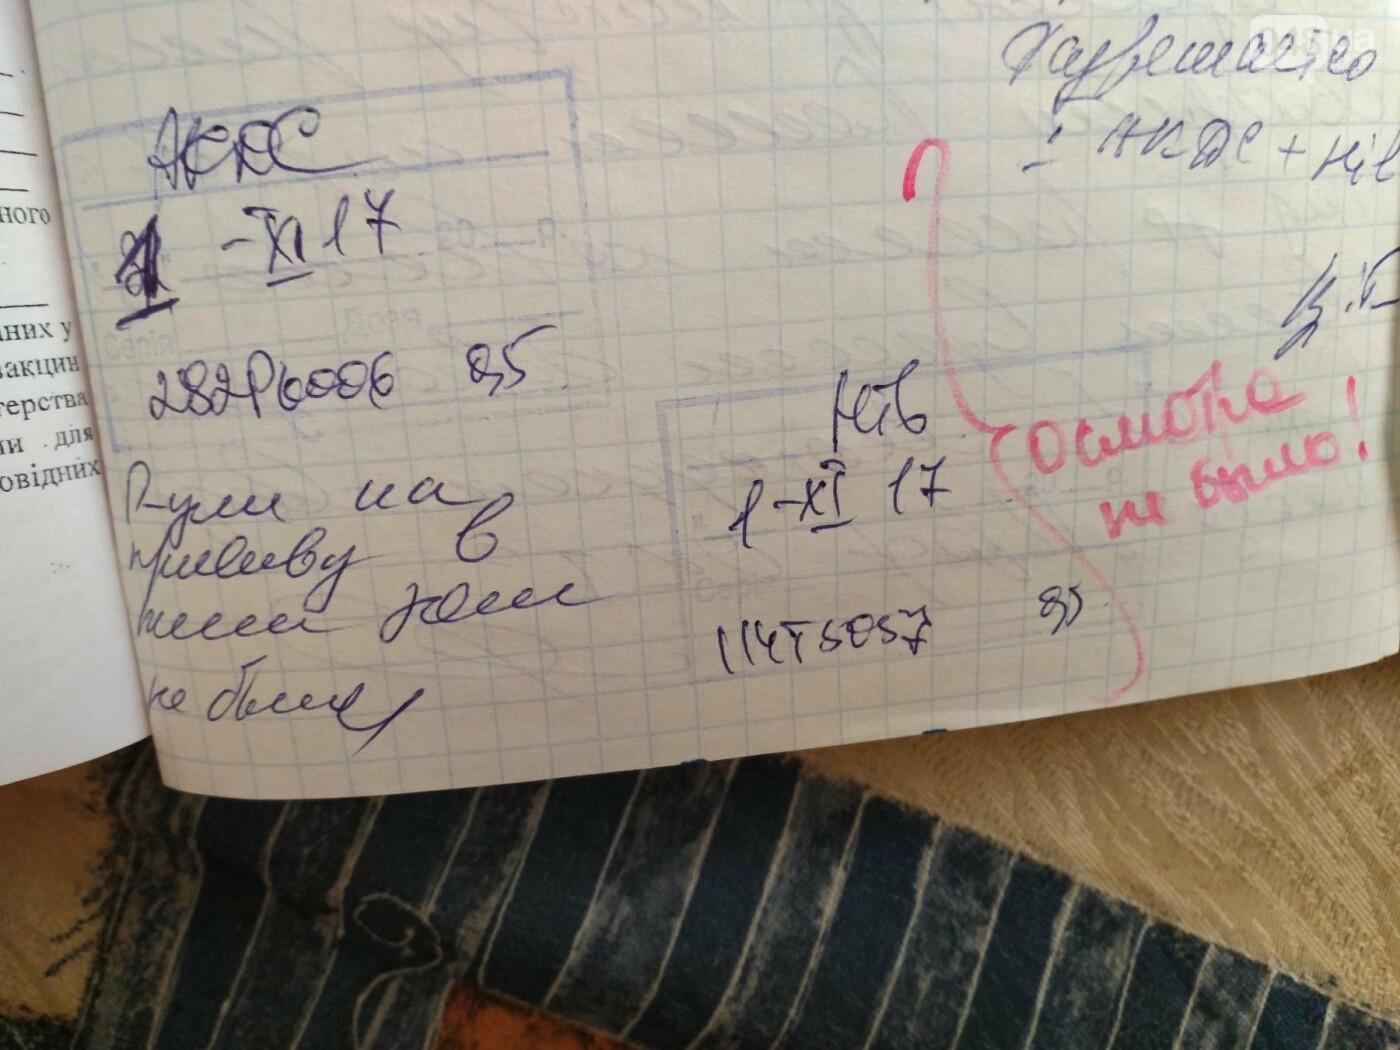 """В одесской поликлинике записали в карточку """"жалоб нет"""" грудничку, у которого были судороги (ФОТО), фото-2"""